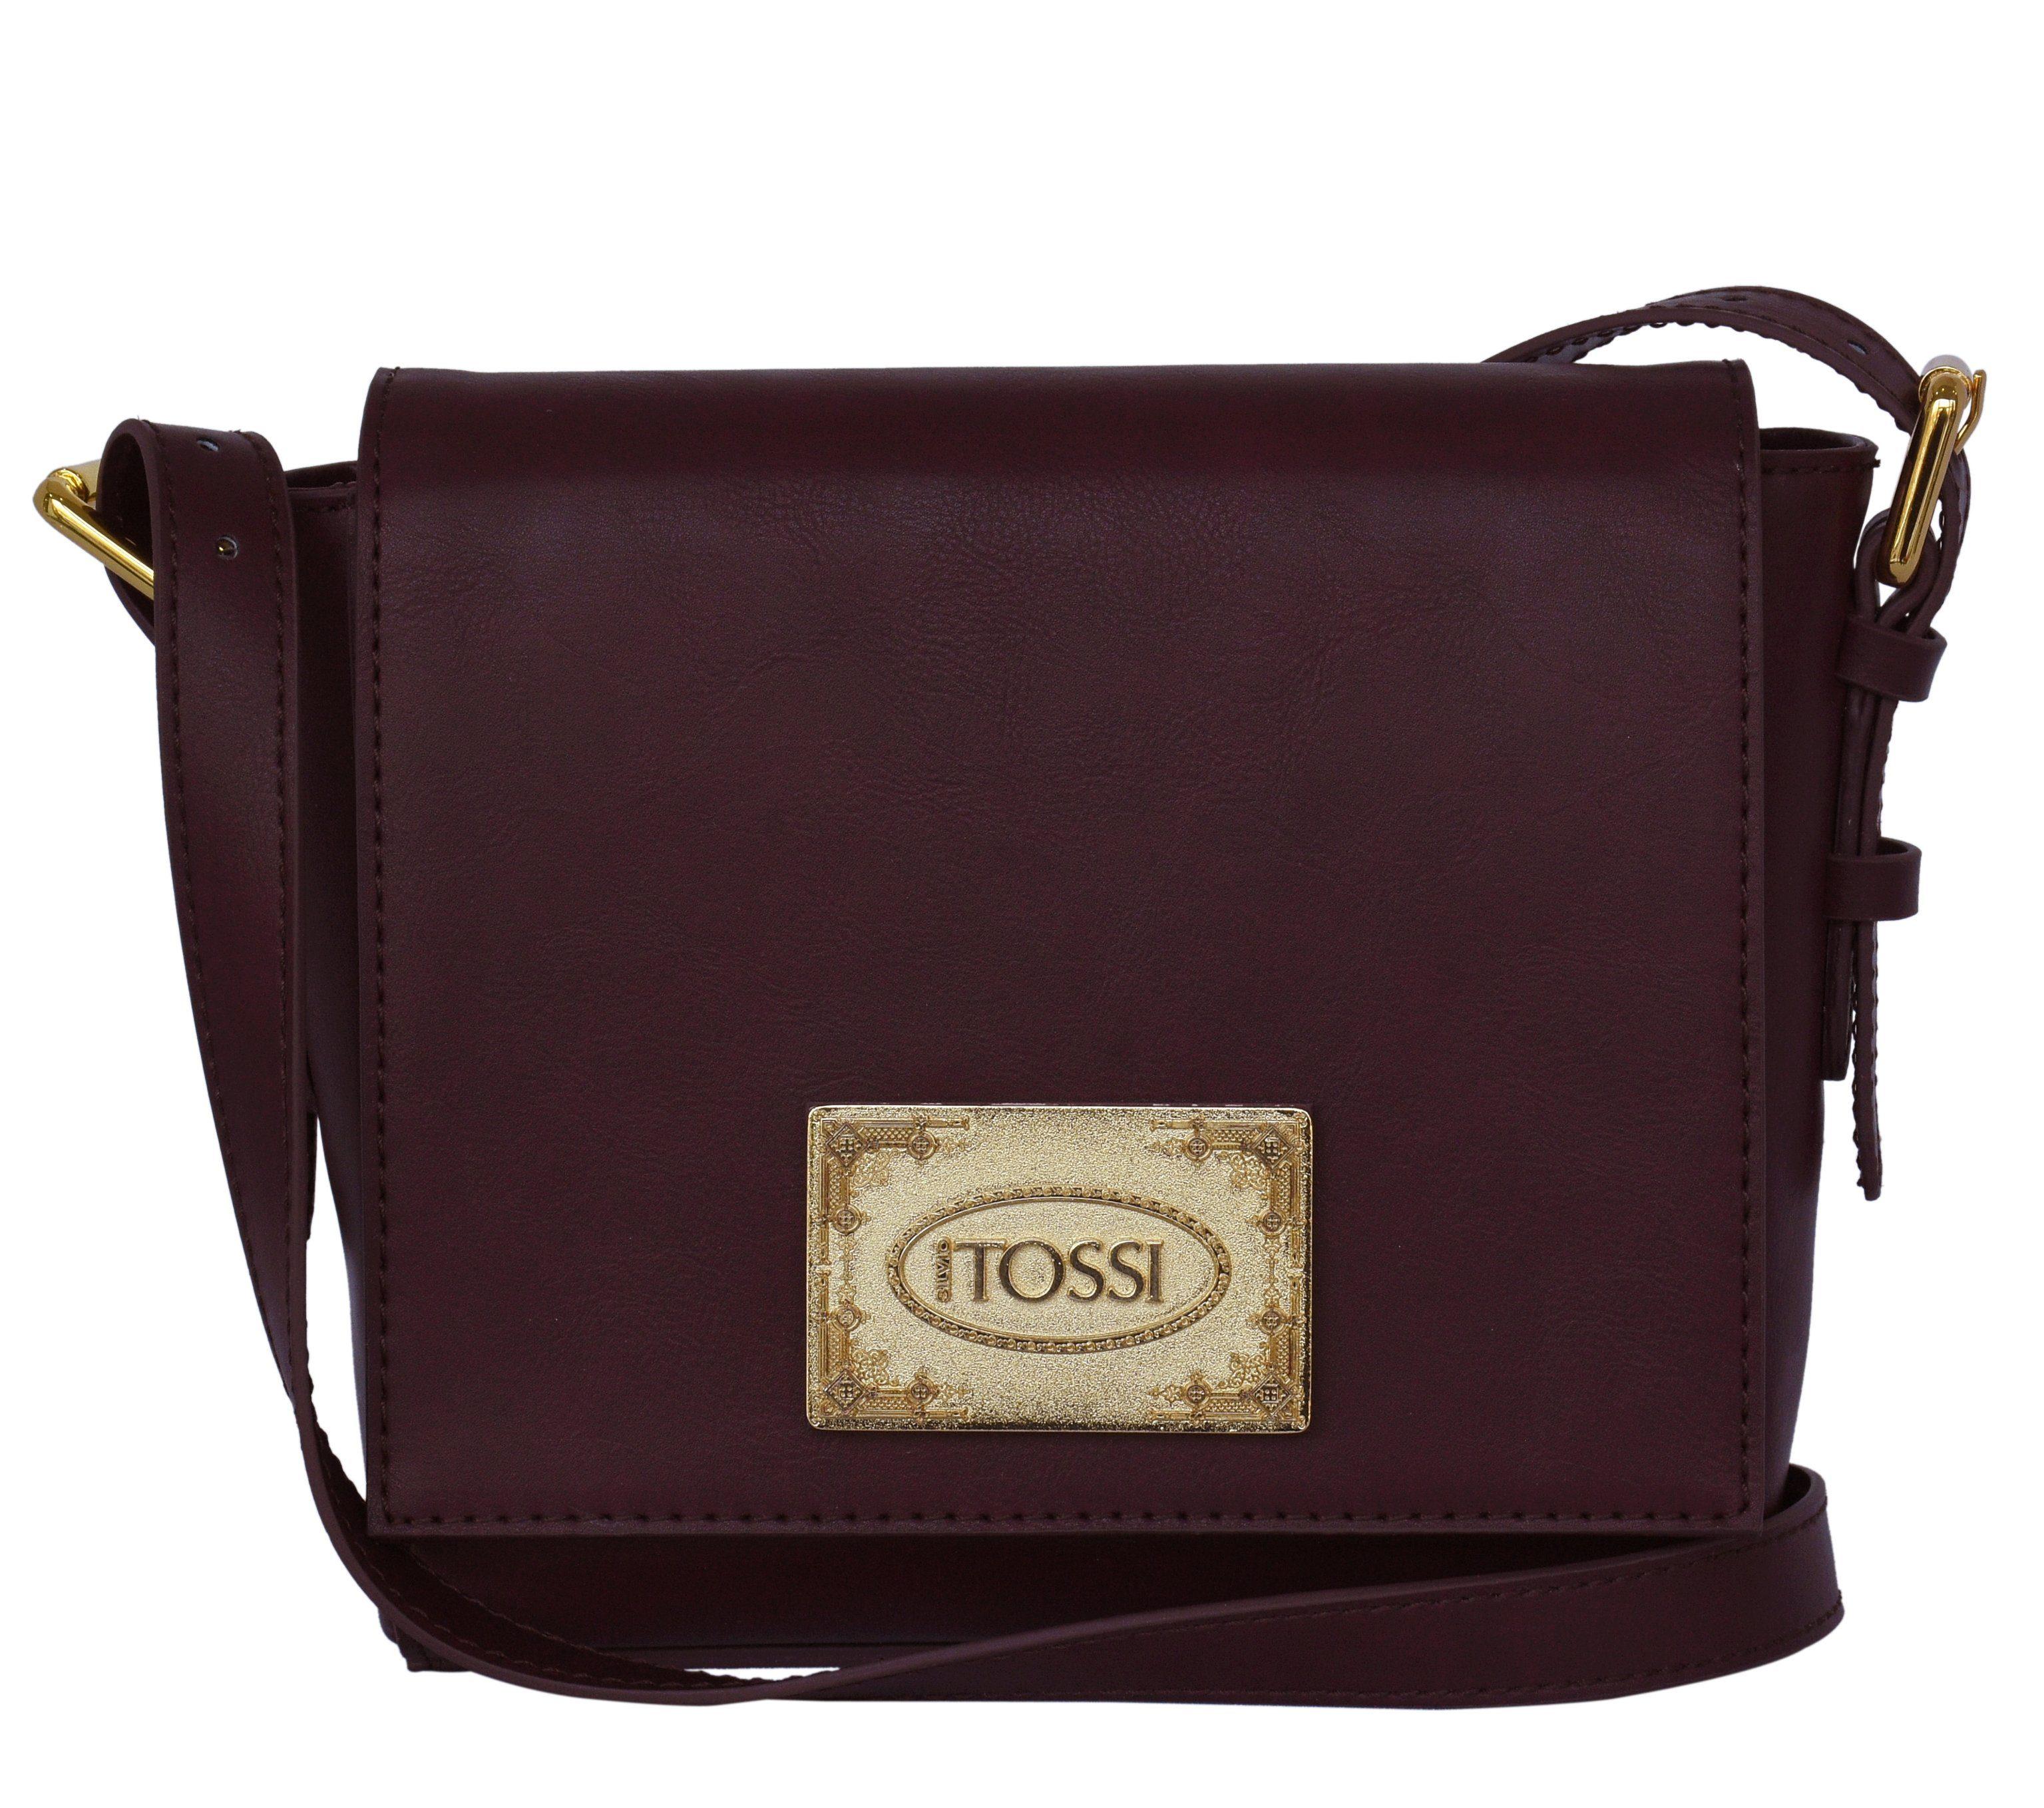 Silvio Tossi Lederhandtasche mit Spezialschutzschicht online kaufen   OTTO